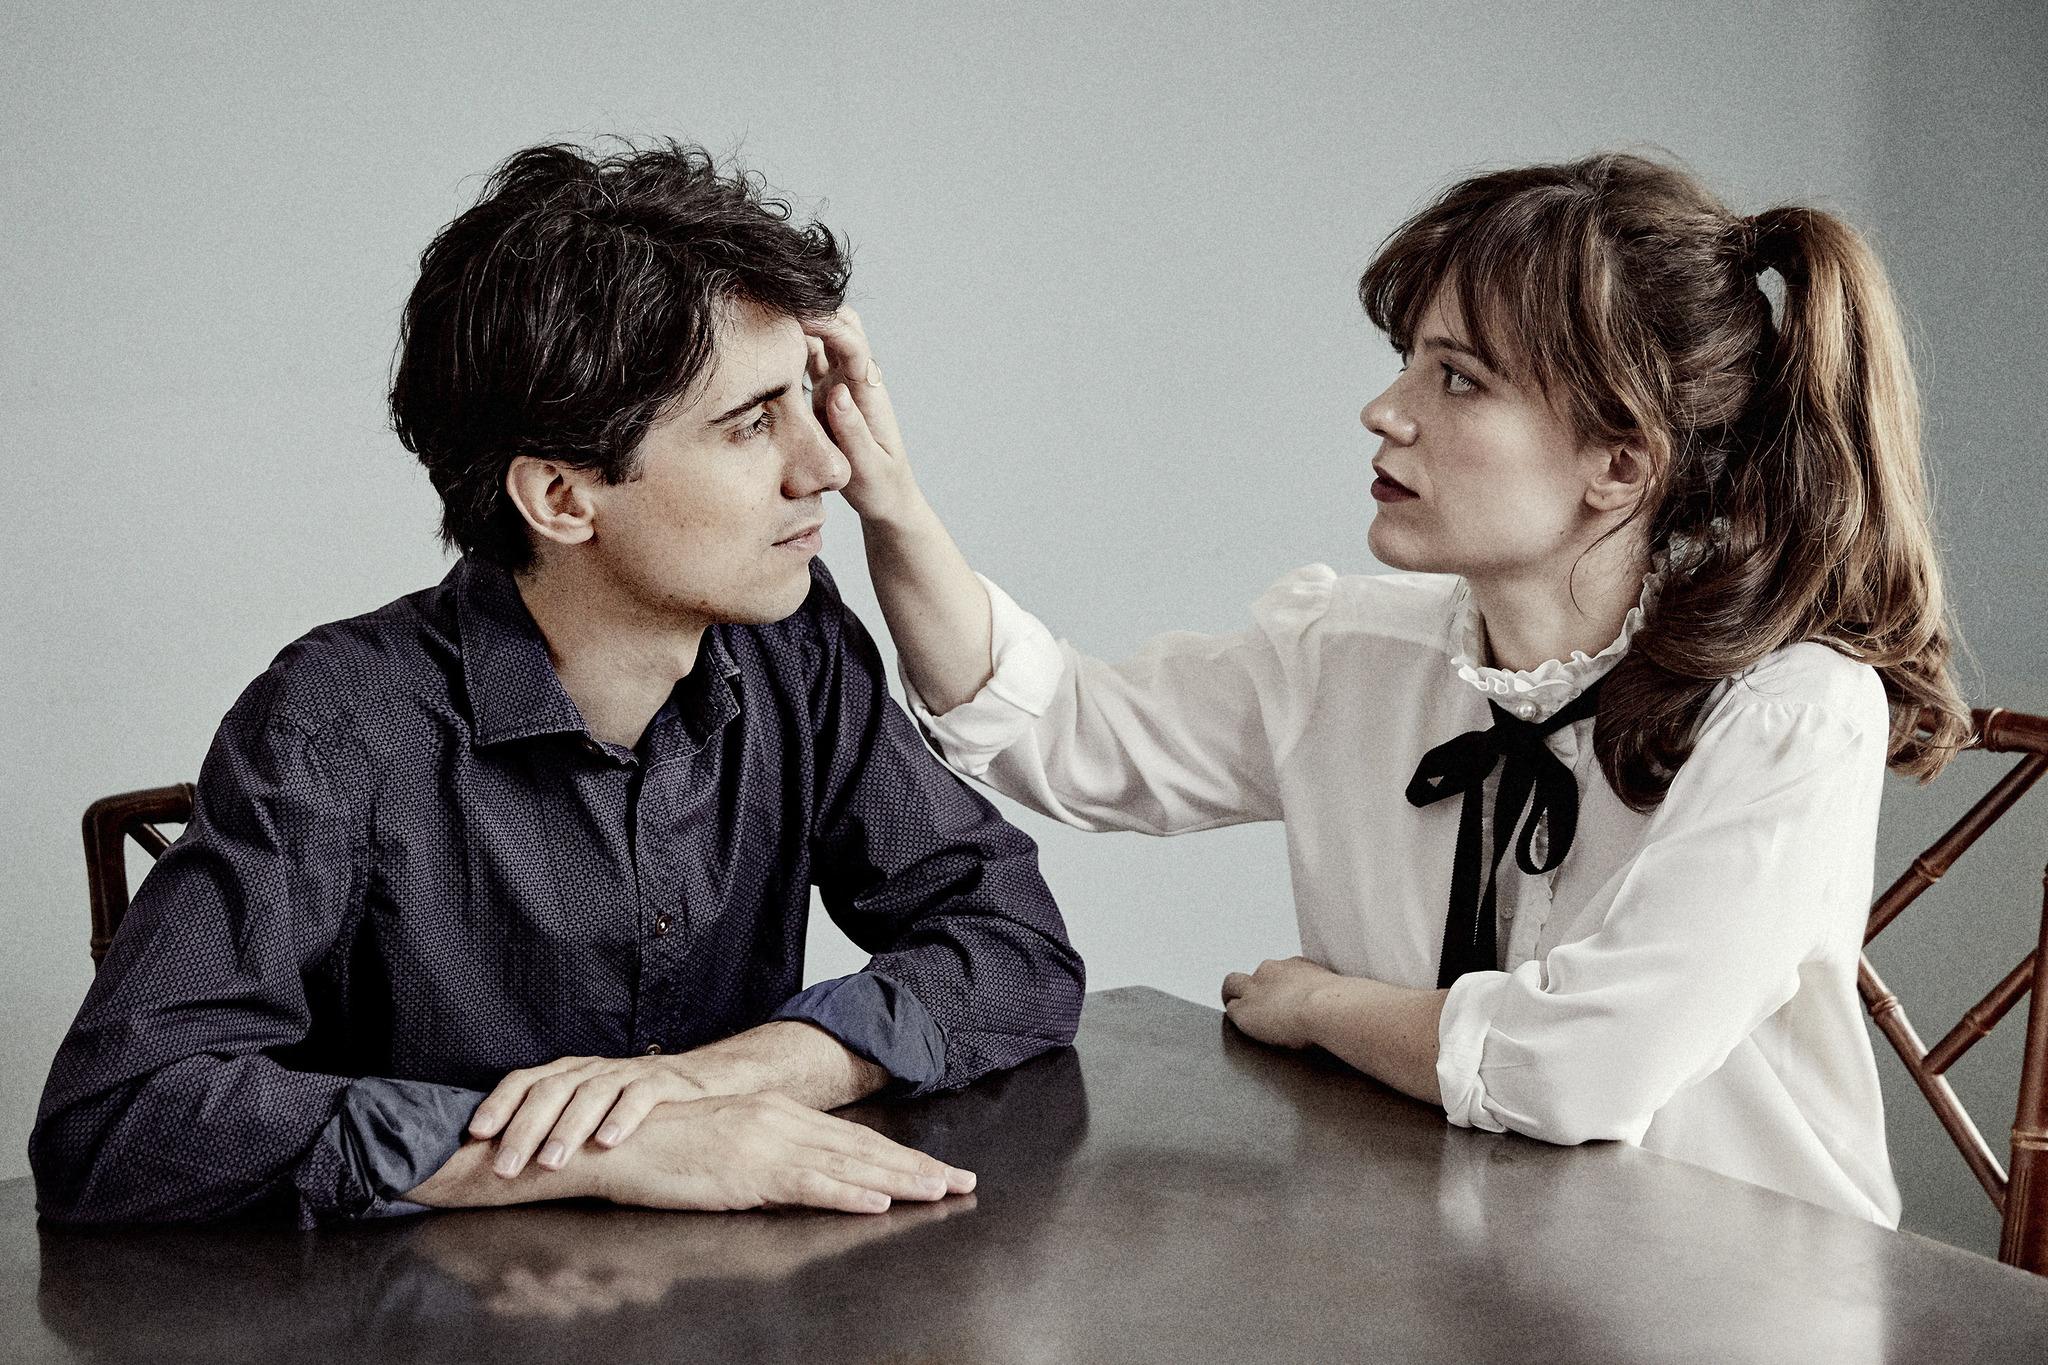 Jonas Trueba e Itsaso Arana